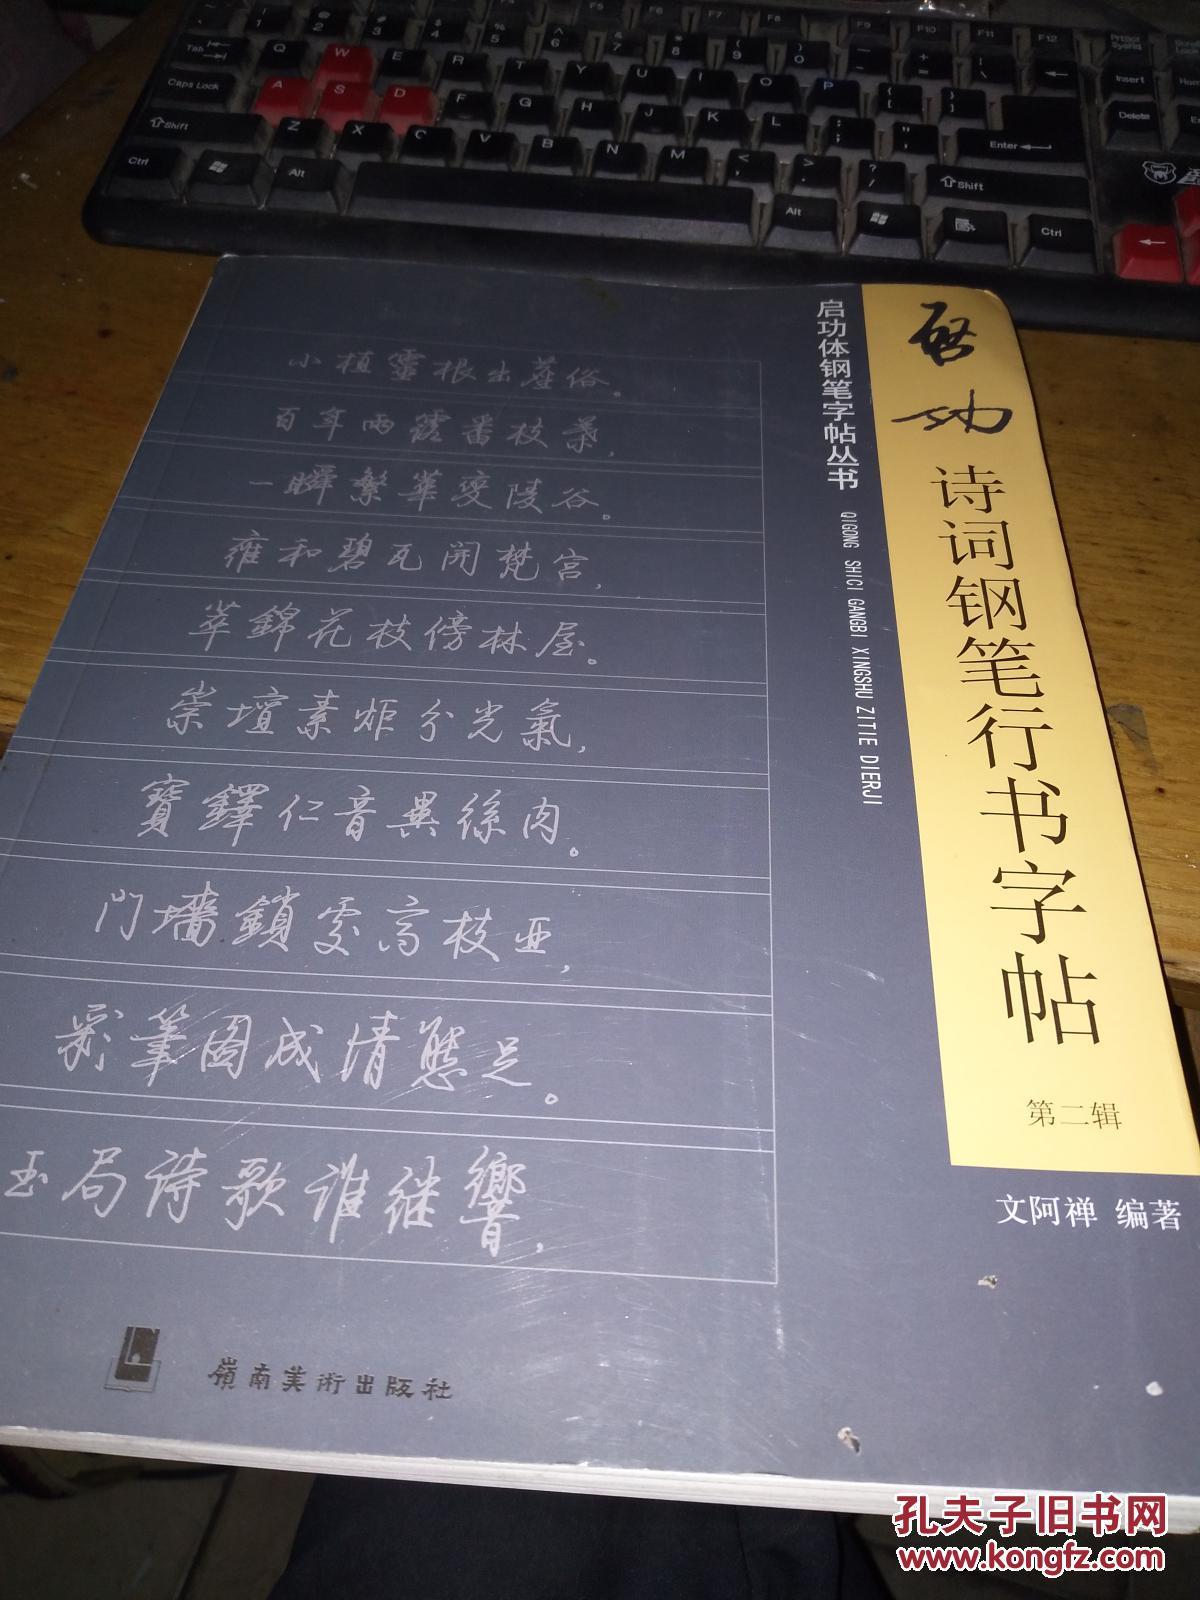 启功诗词钢笔行书字帖. 第二辑图片